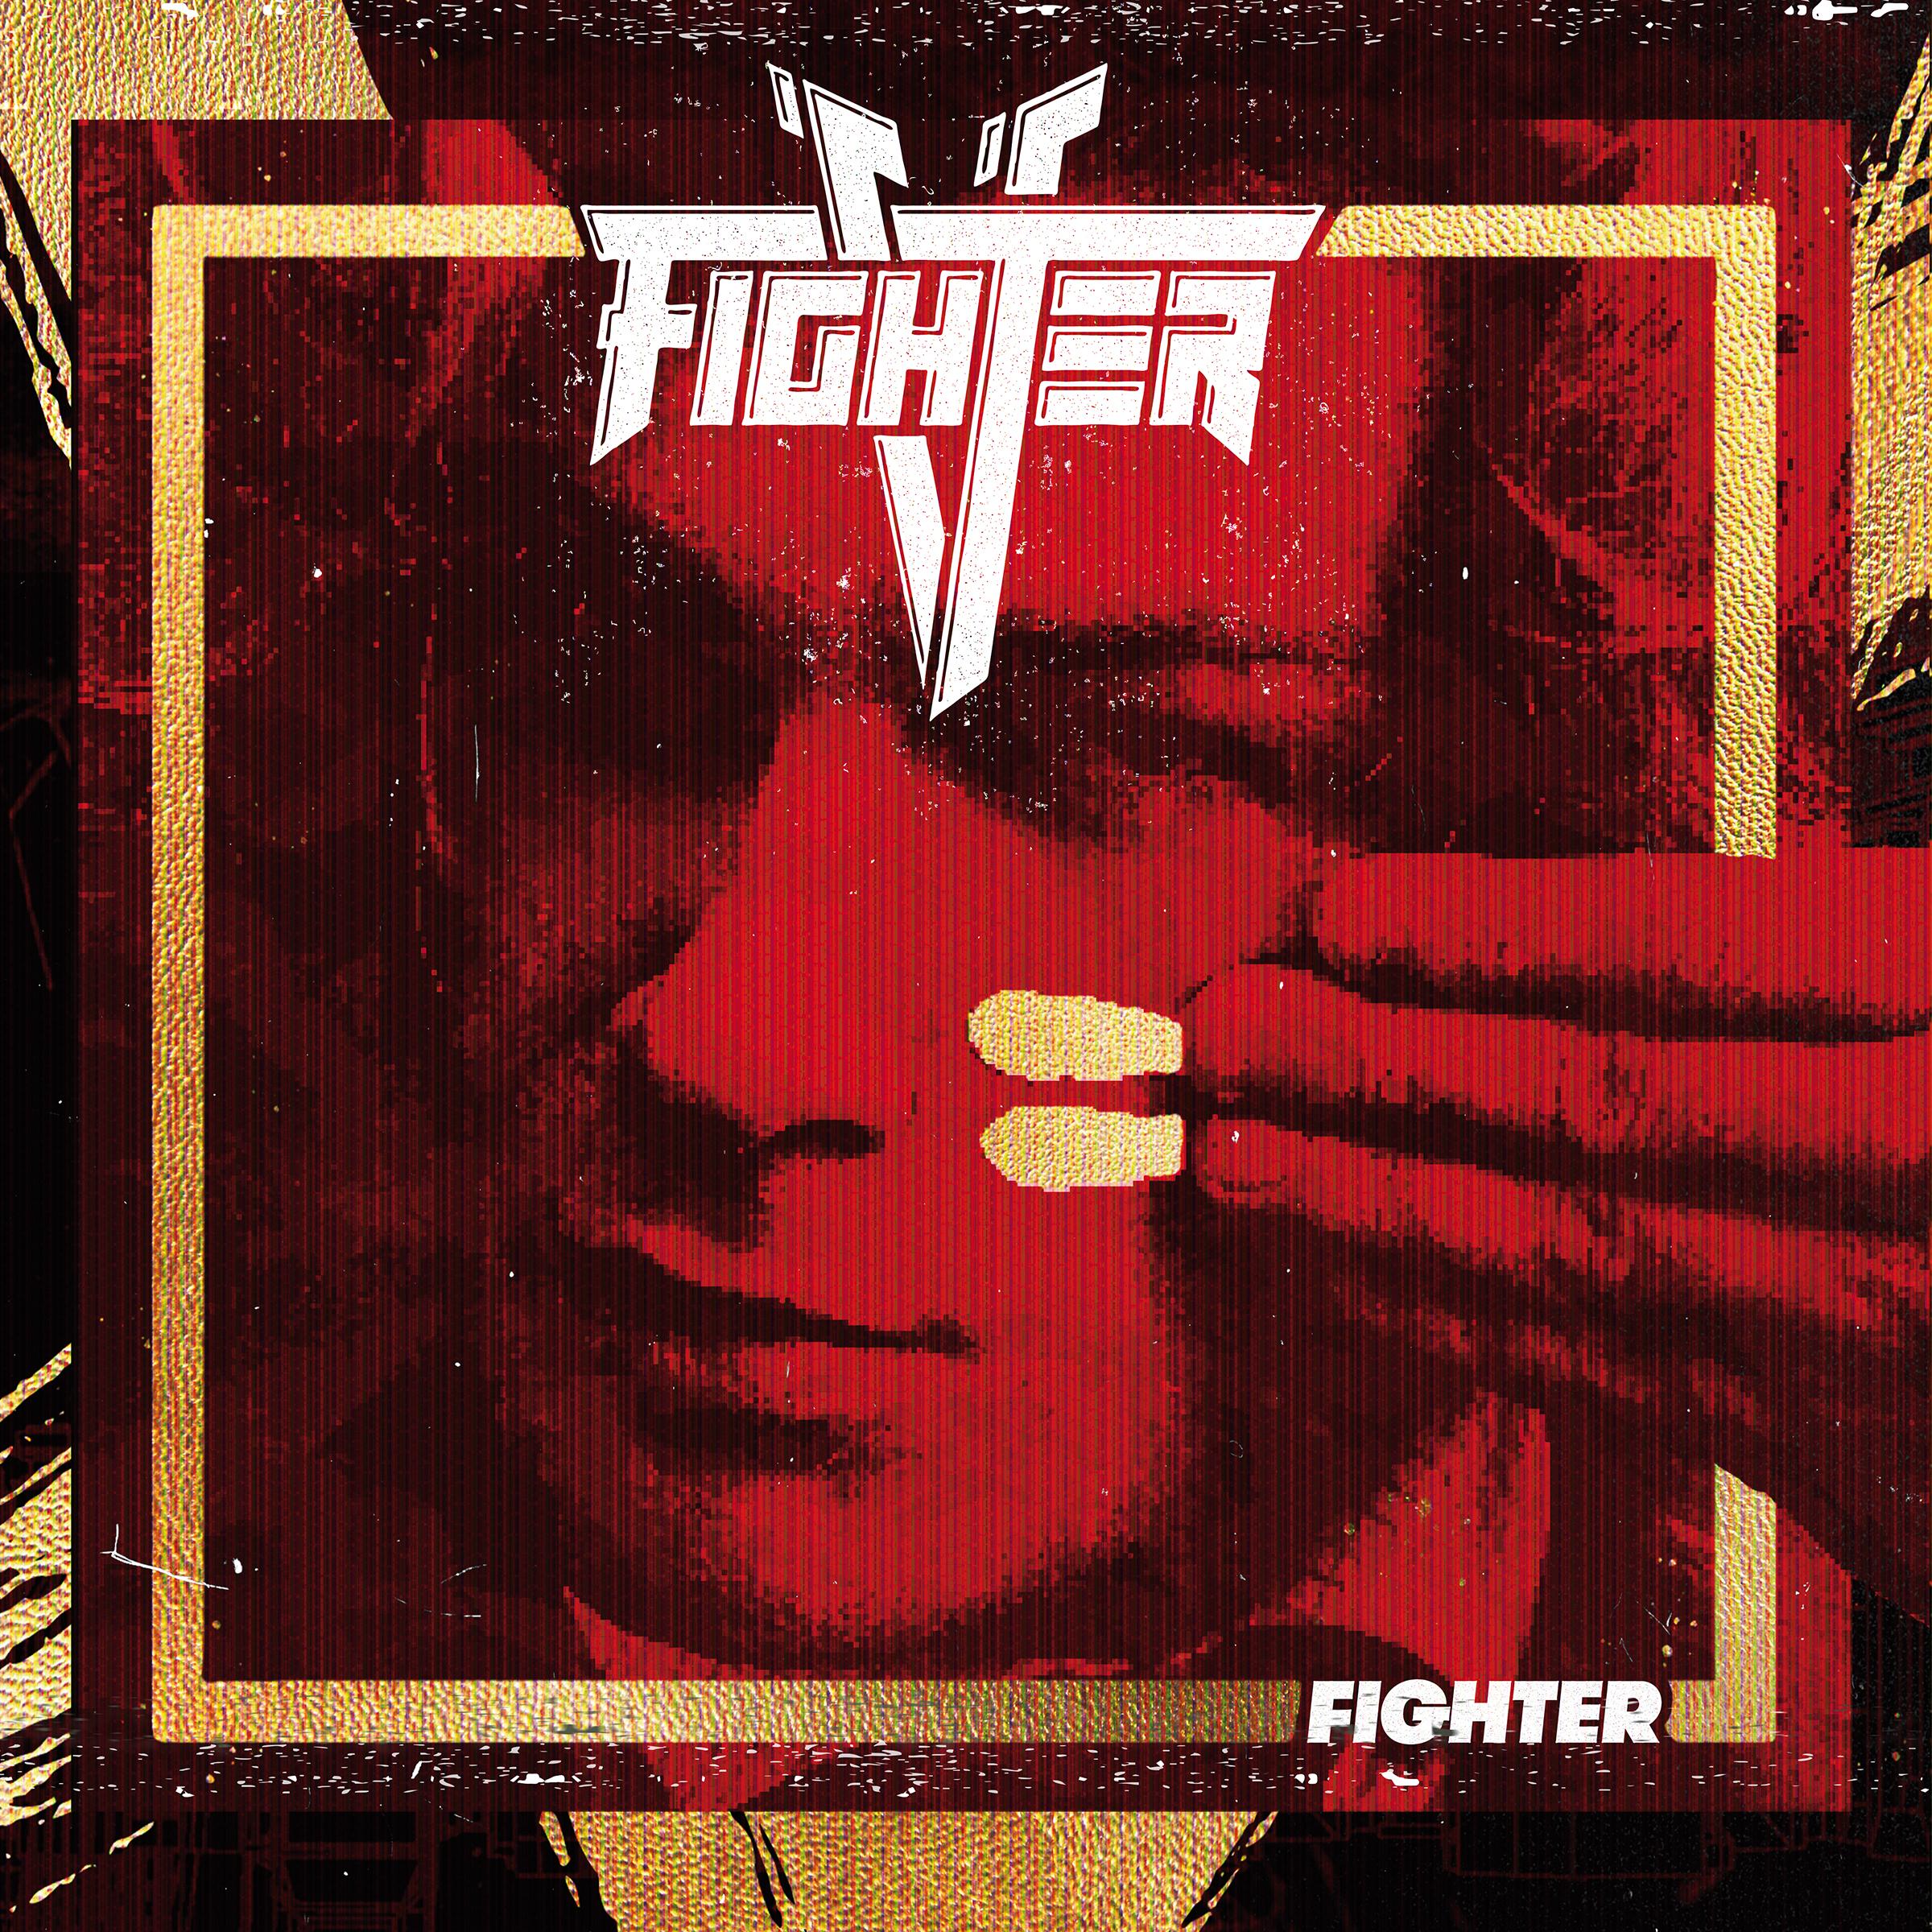 FIGHTER V - Album Cover - Fighter.jpg